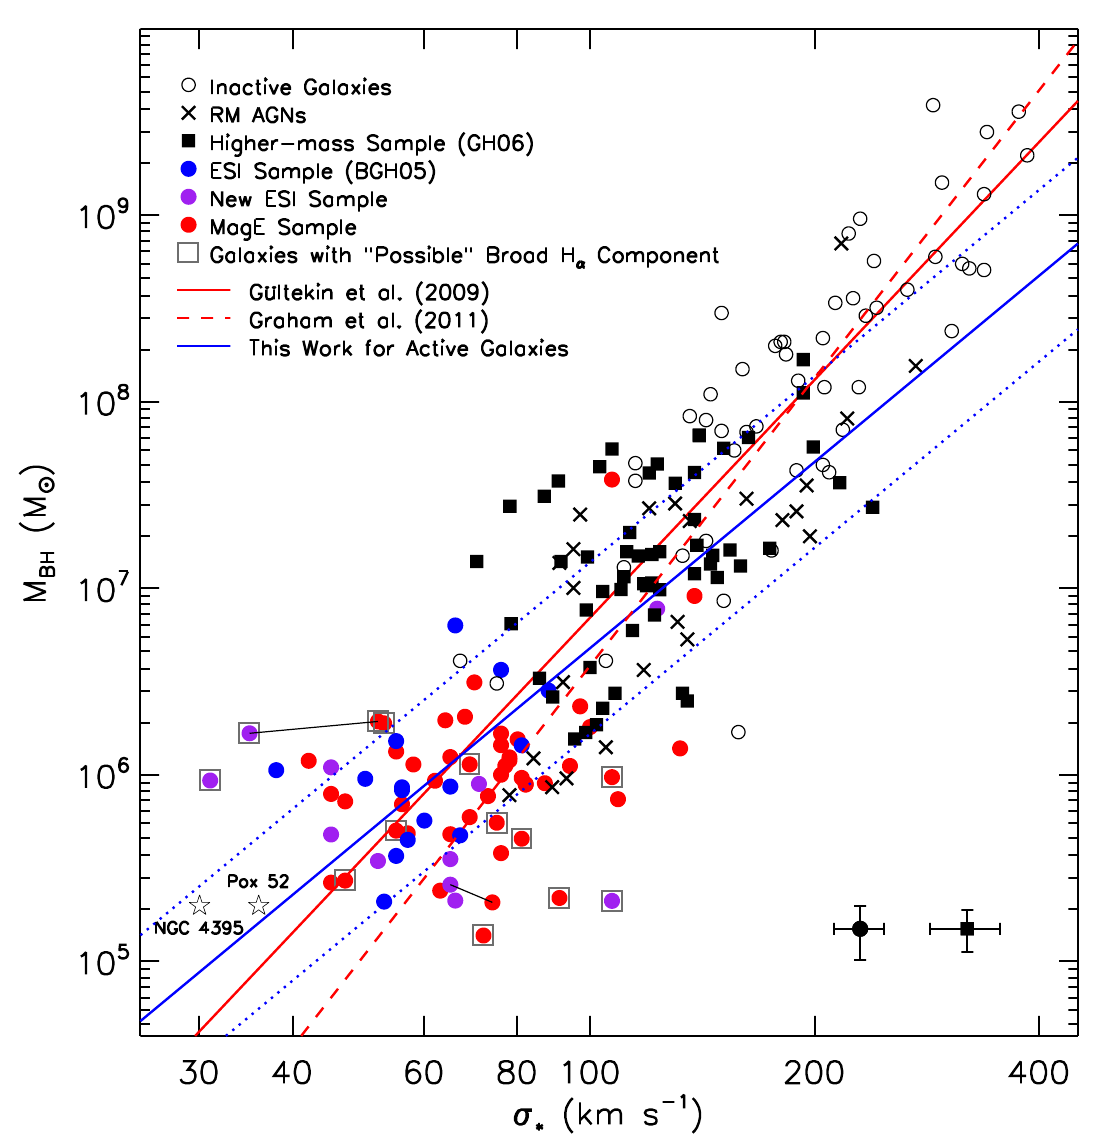 (Image Credit: Figure 6, Xiao et al (2011, arXiv:1106.6232))